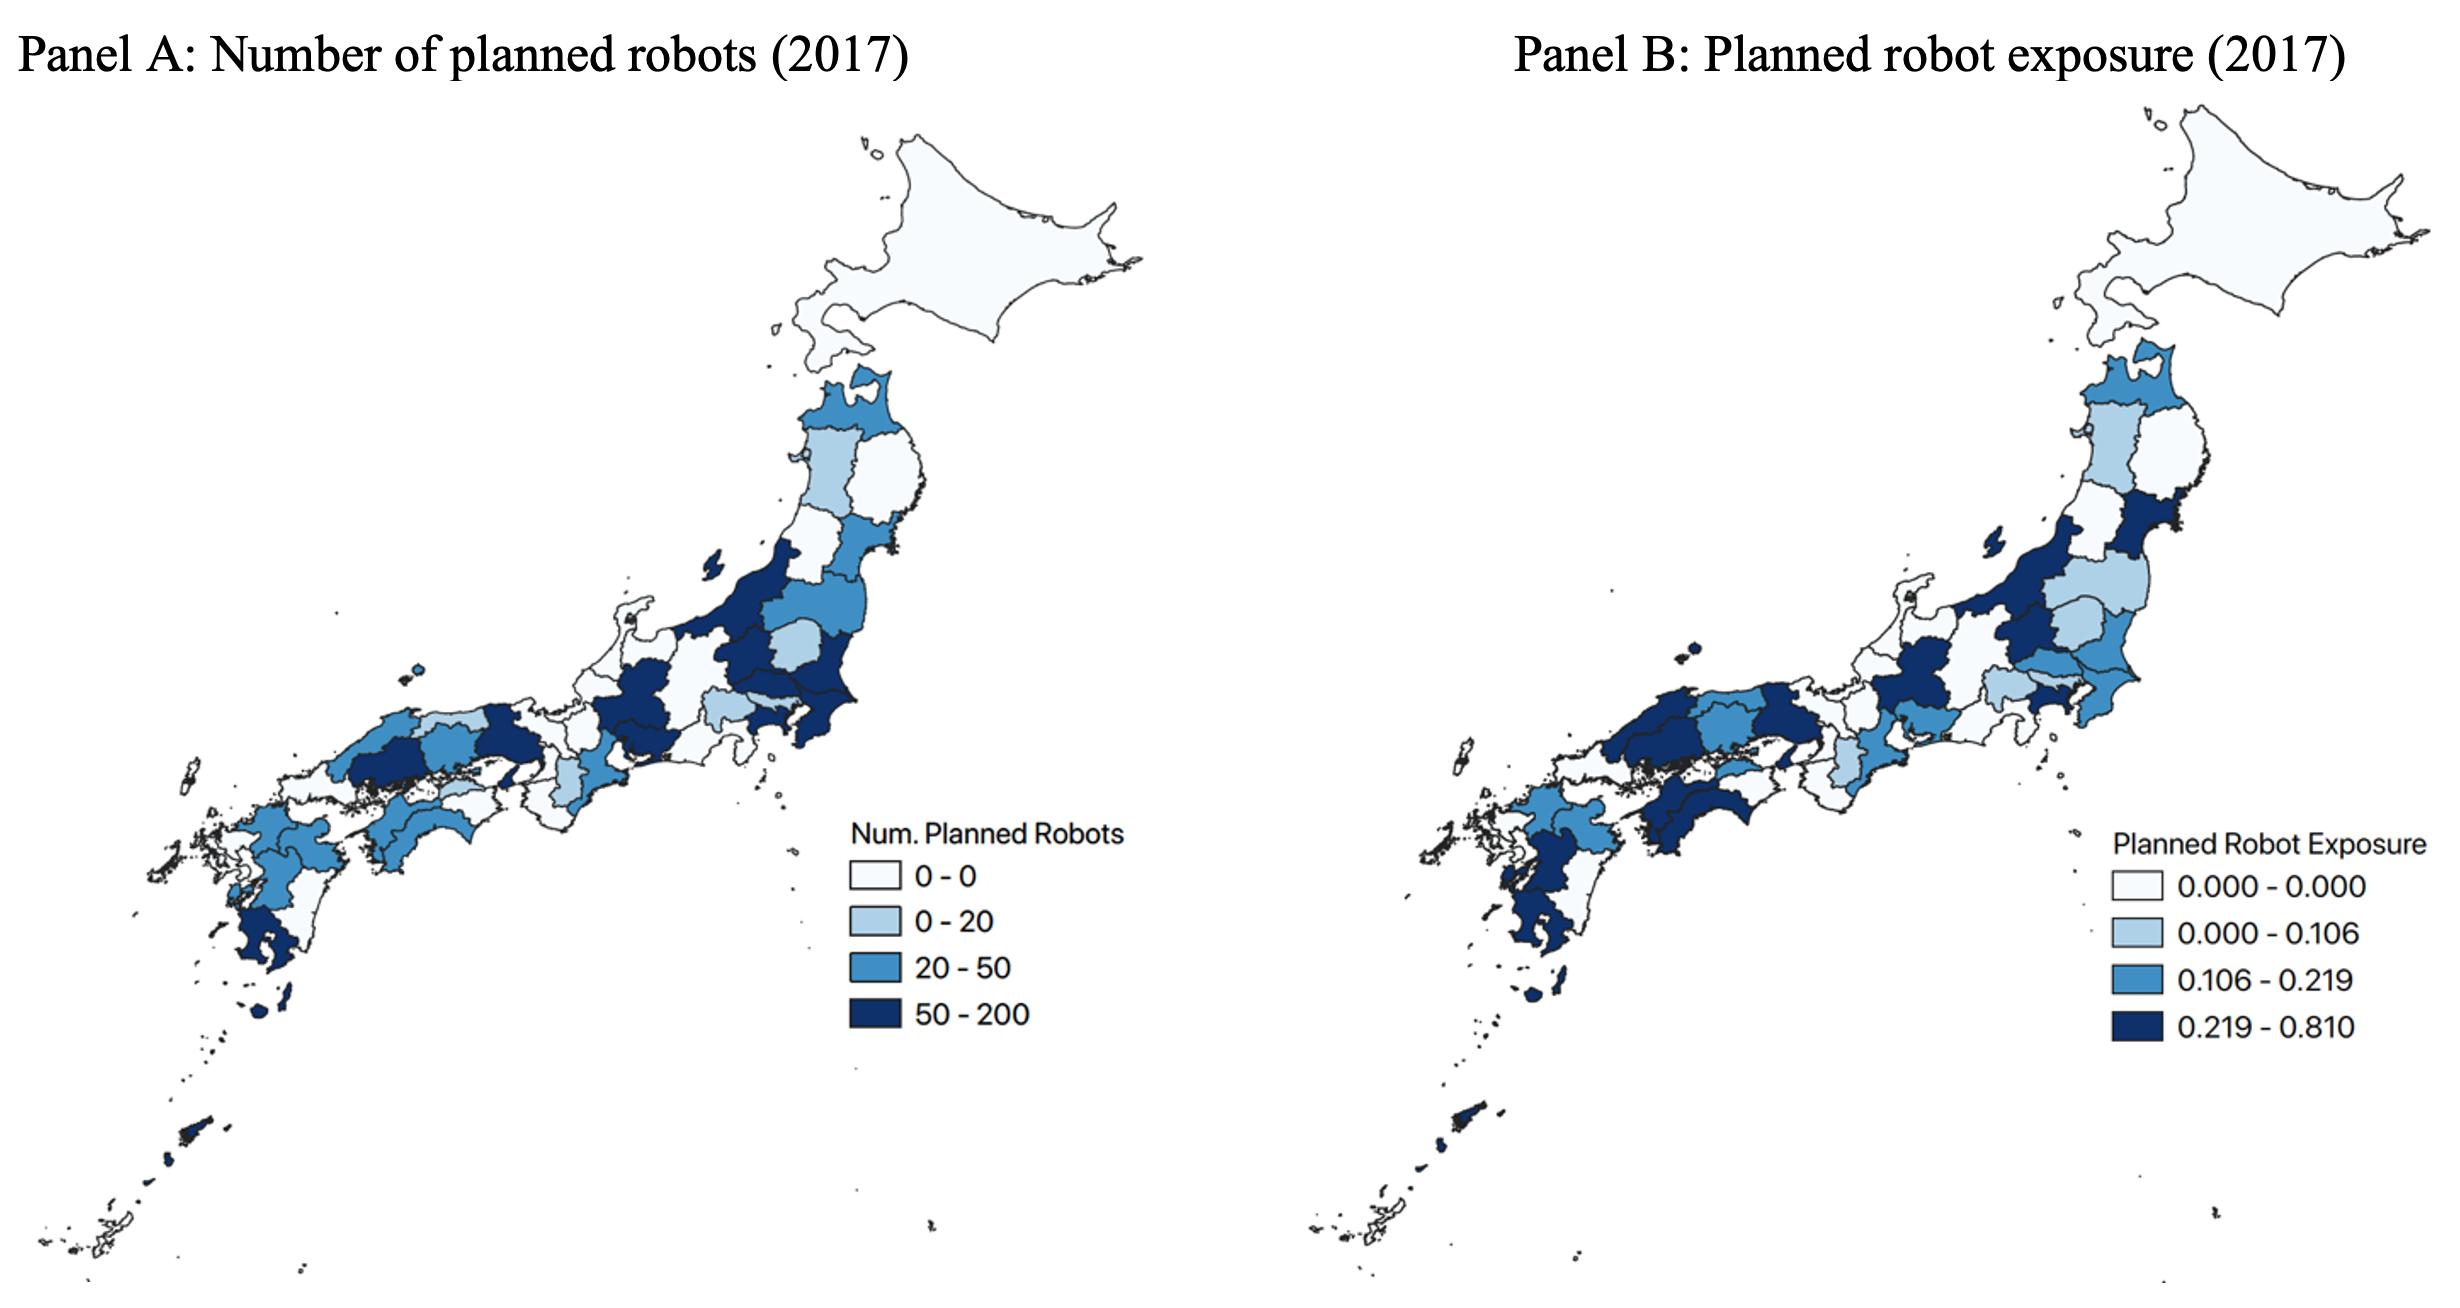 deux cartes du Japon, la première montrant le nombre de robots prévus dans différentes régions du pays en 2017 et la seconde montrant l'exposition de robots prévue en 2017